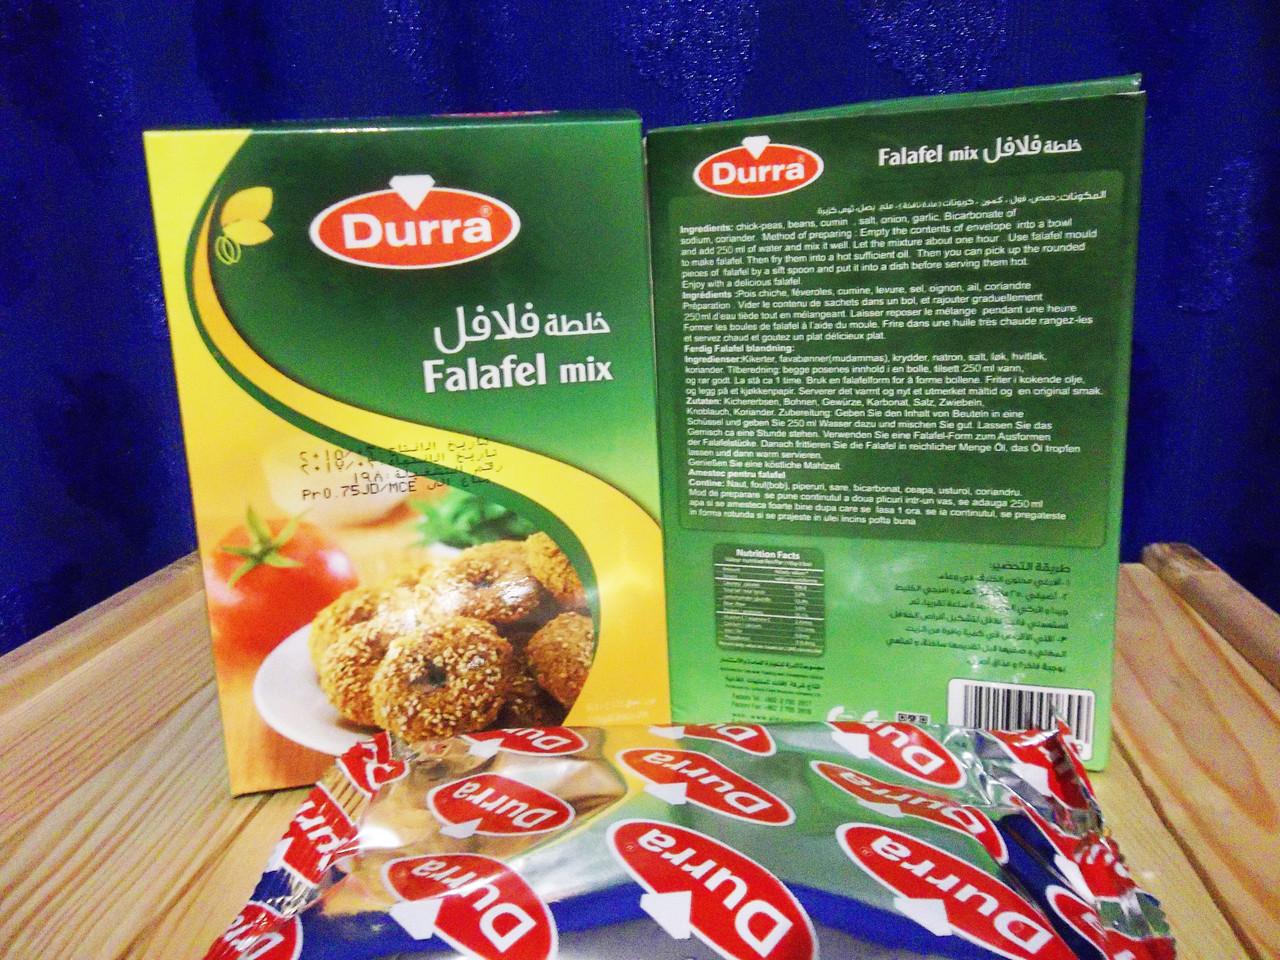 Фалафель. Сухая смесь для фалафеля Al Durra 175 гр